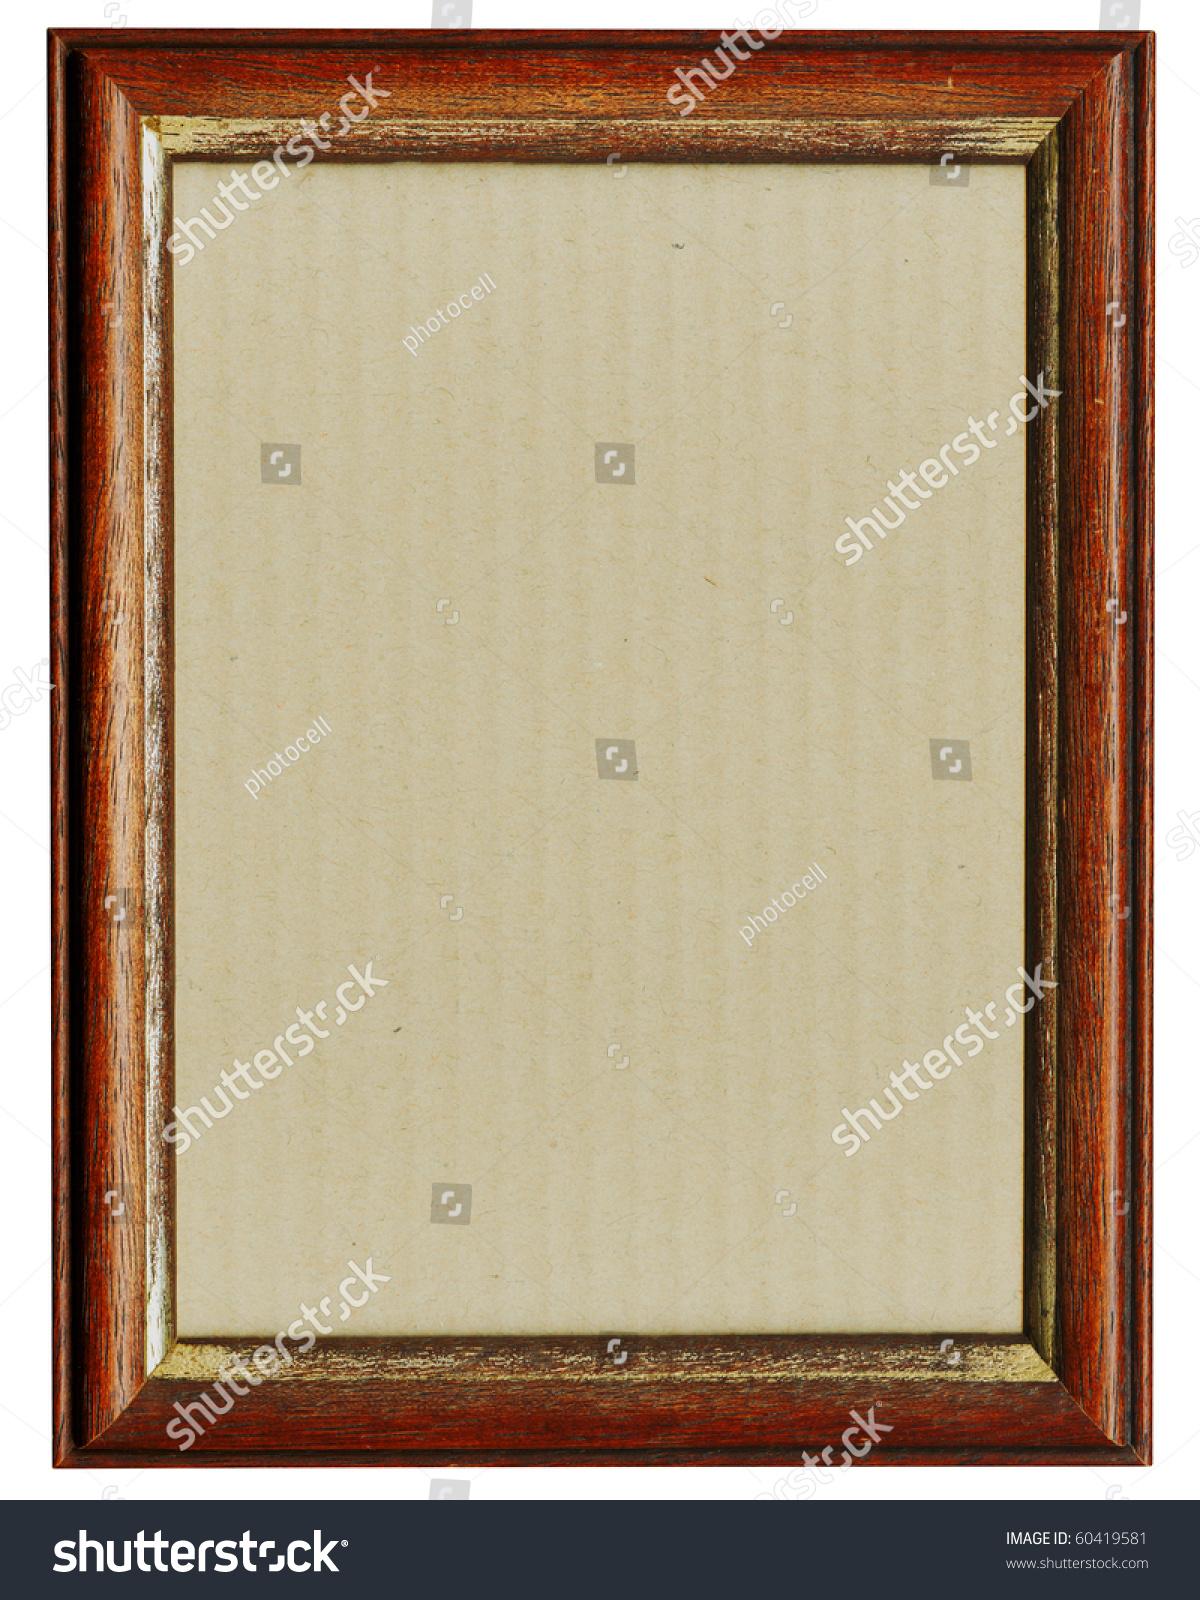 木制相框,红木-背景/素材